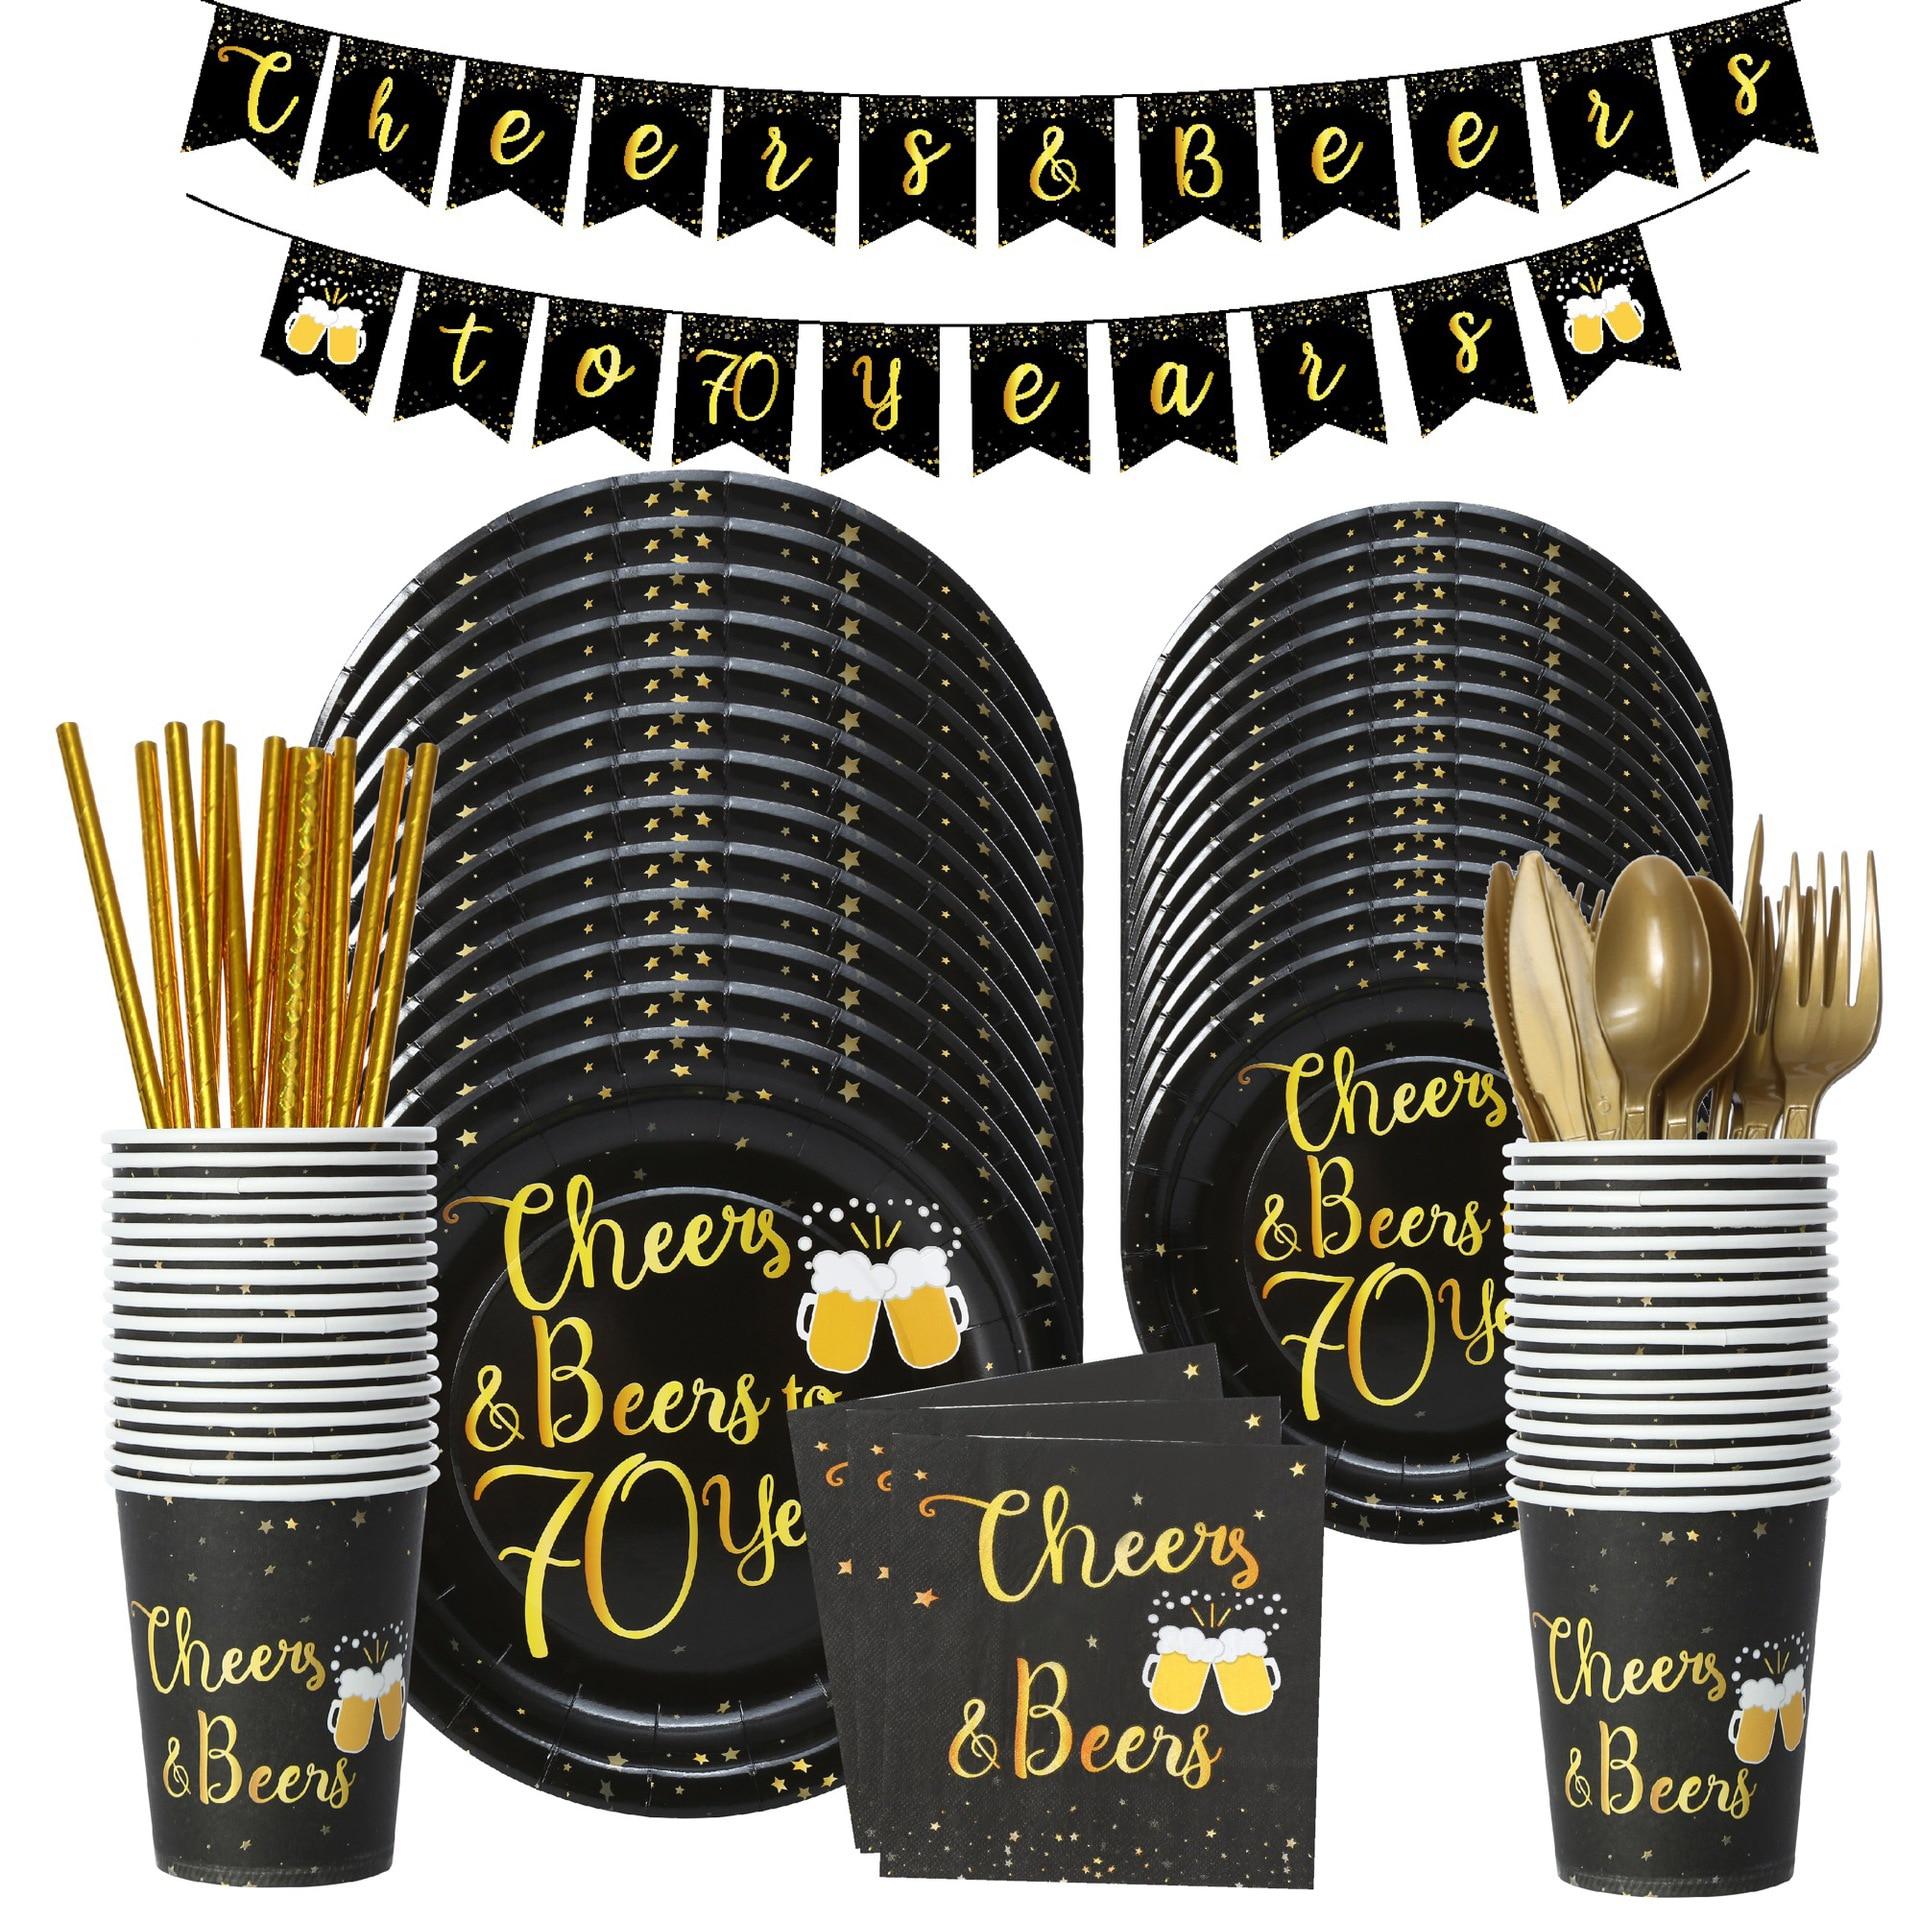 70th день рождения Cheer 70 лет День Рождения украшения 70th одноразовая посуда день рождения 70 лет воздушный шар 70 лет Cheer Beer